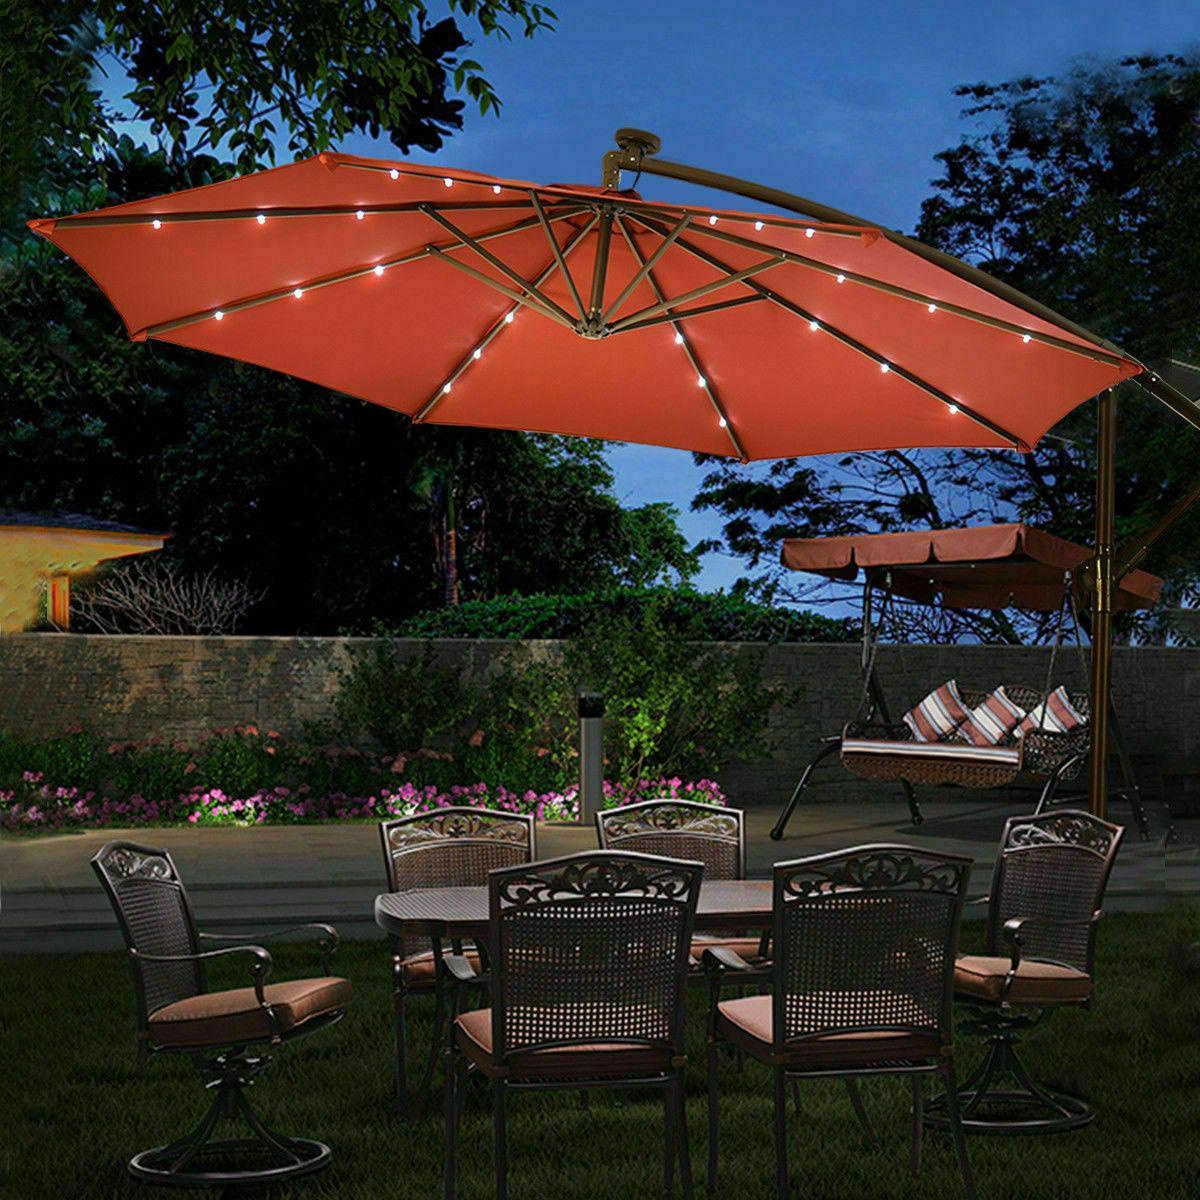 outdoor patio umbrella market tilt garden sunshade